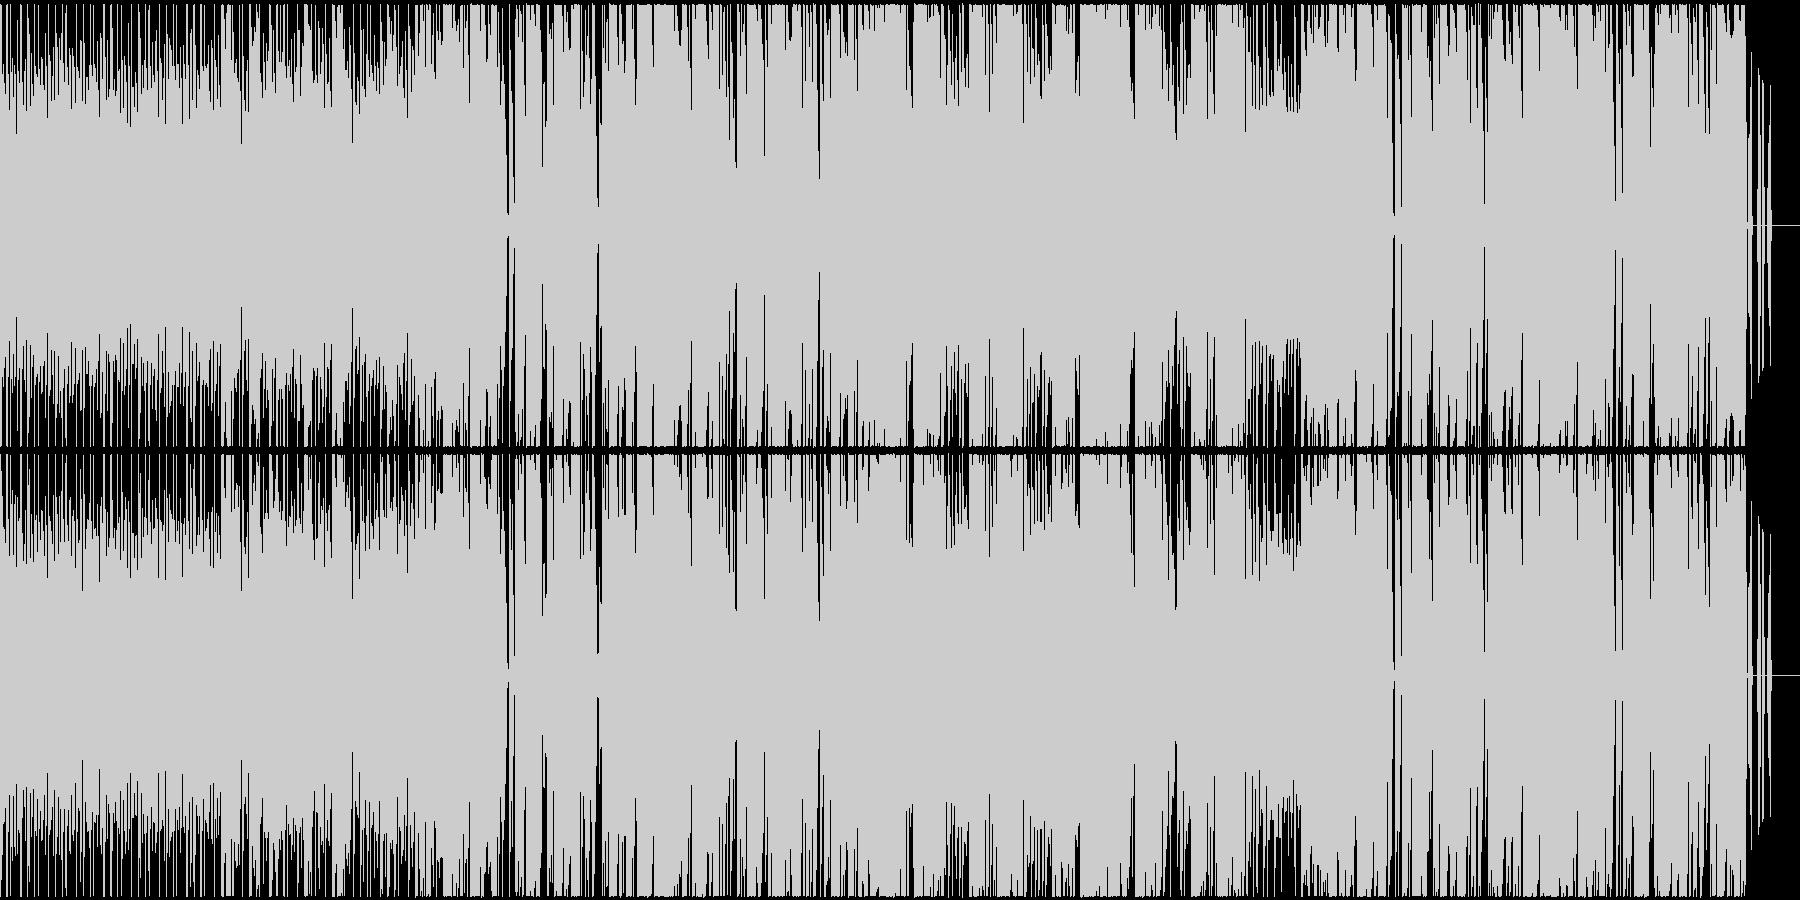 パワフルなイメージのデジロック調インストの未再生の波形